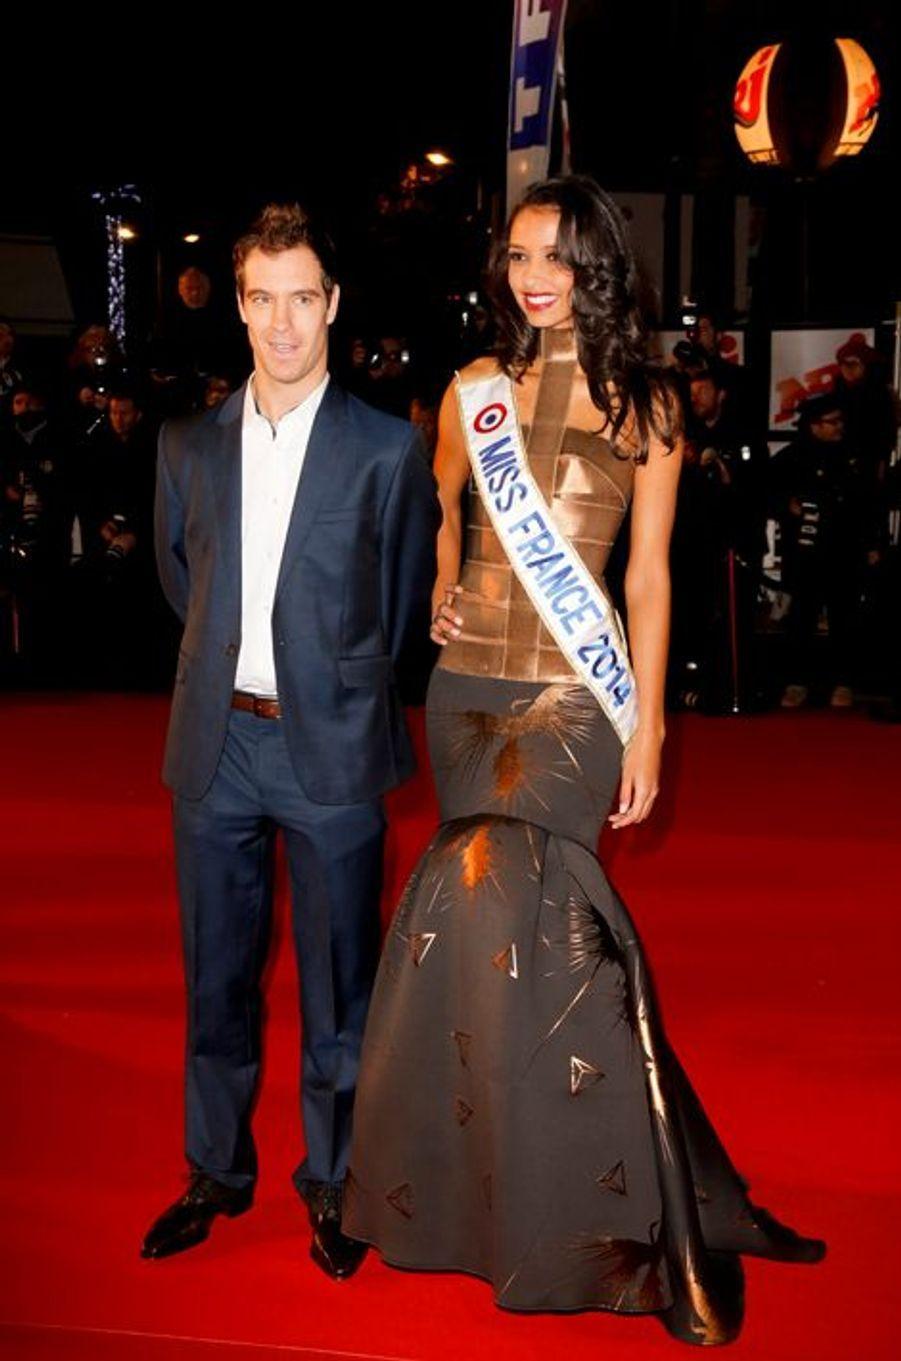 Flora Coquerel, avec Richard Gasquet, aux NRJ Music Awards à Cannes, le 14 décembre 2013